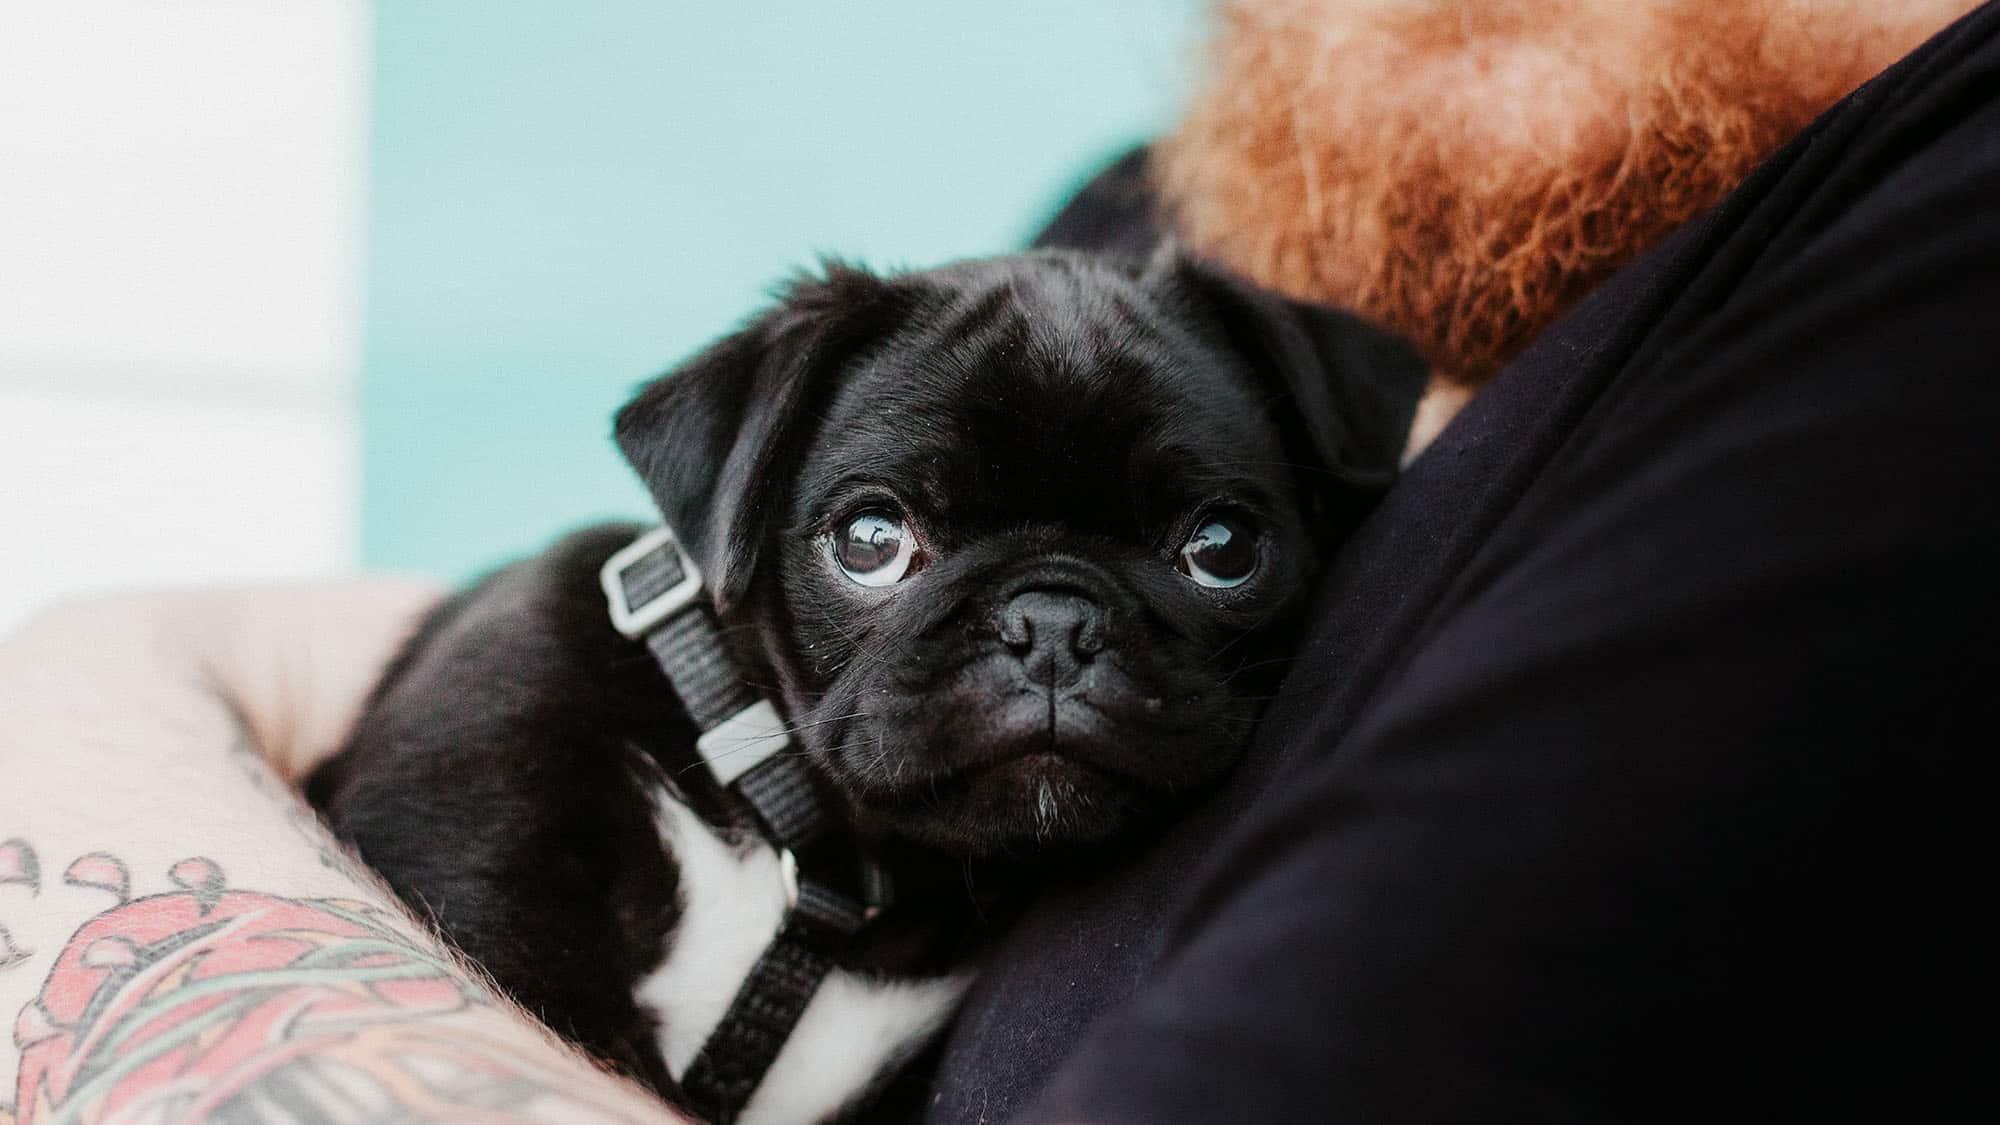 Cómo encontrar un criador de perros de buena reputación - 3